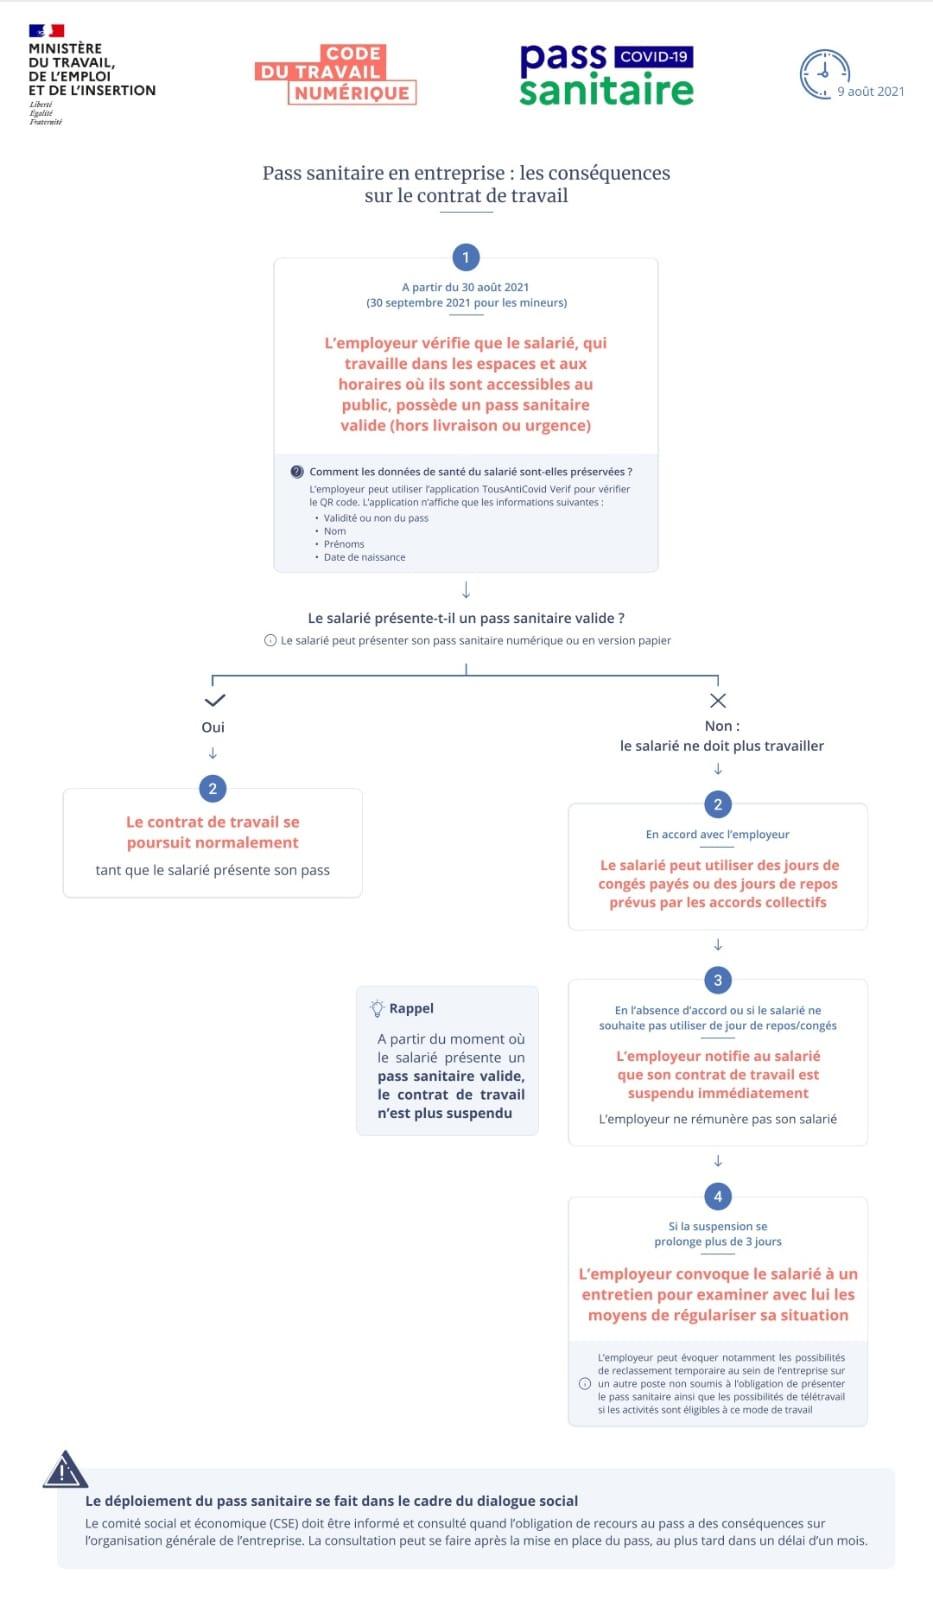 Respect du pass sanitaire en restauration pour le personnel : infographie du Ministère du Travail et de l'Insertion